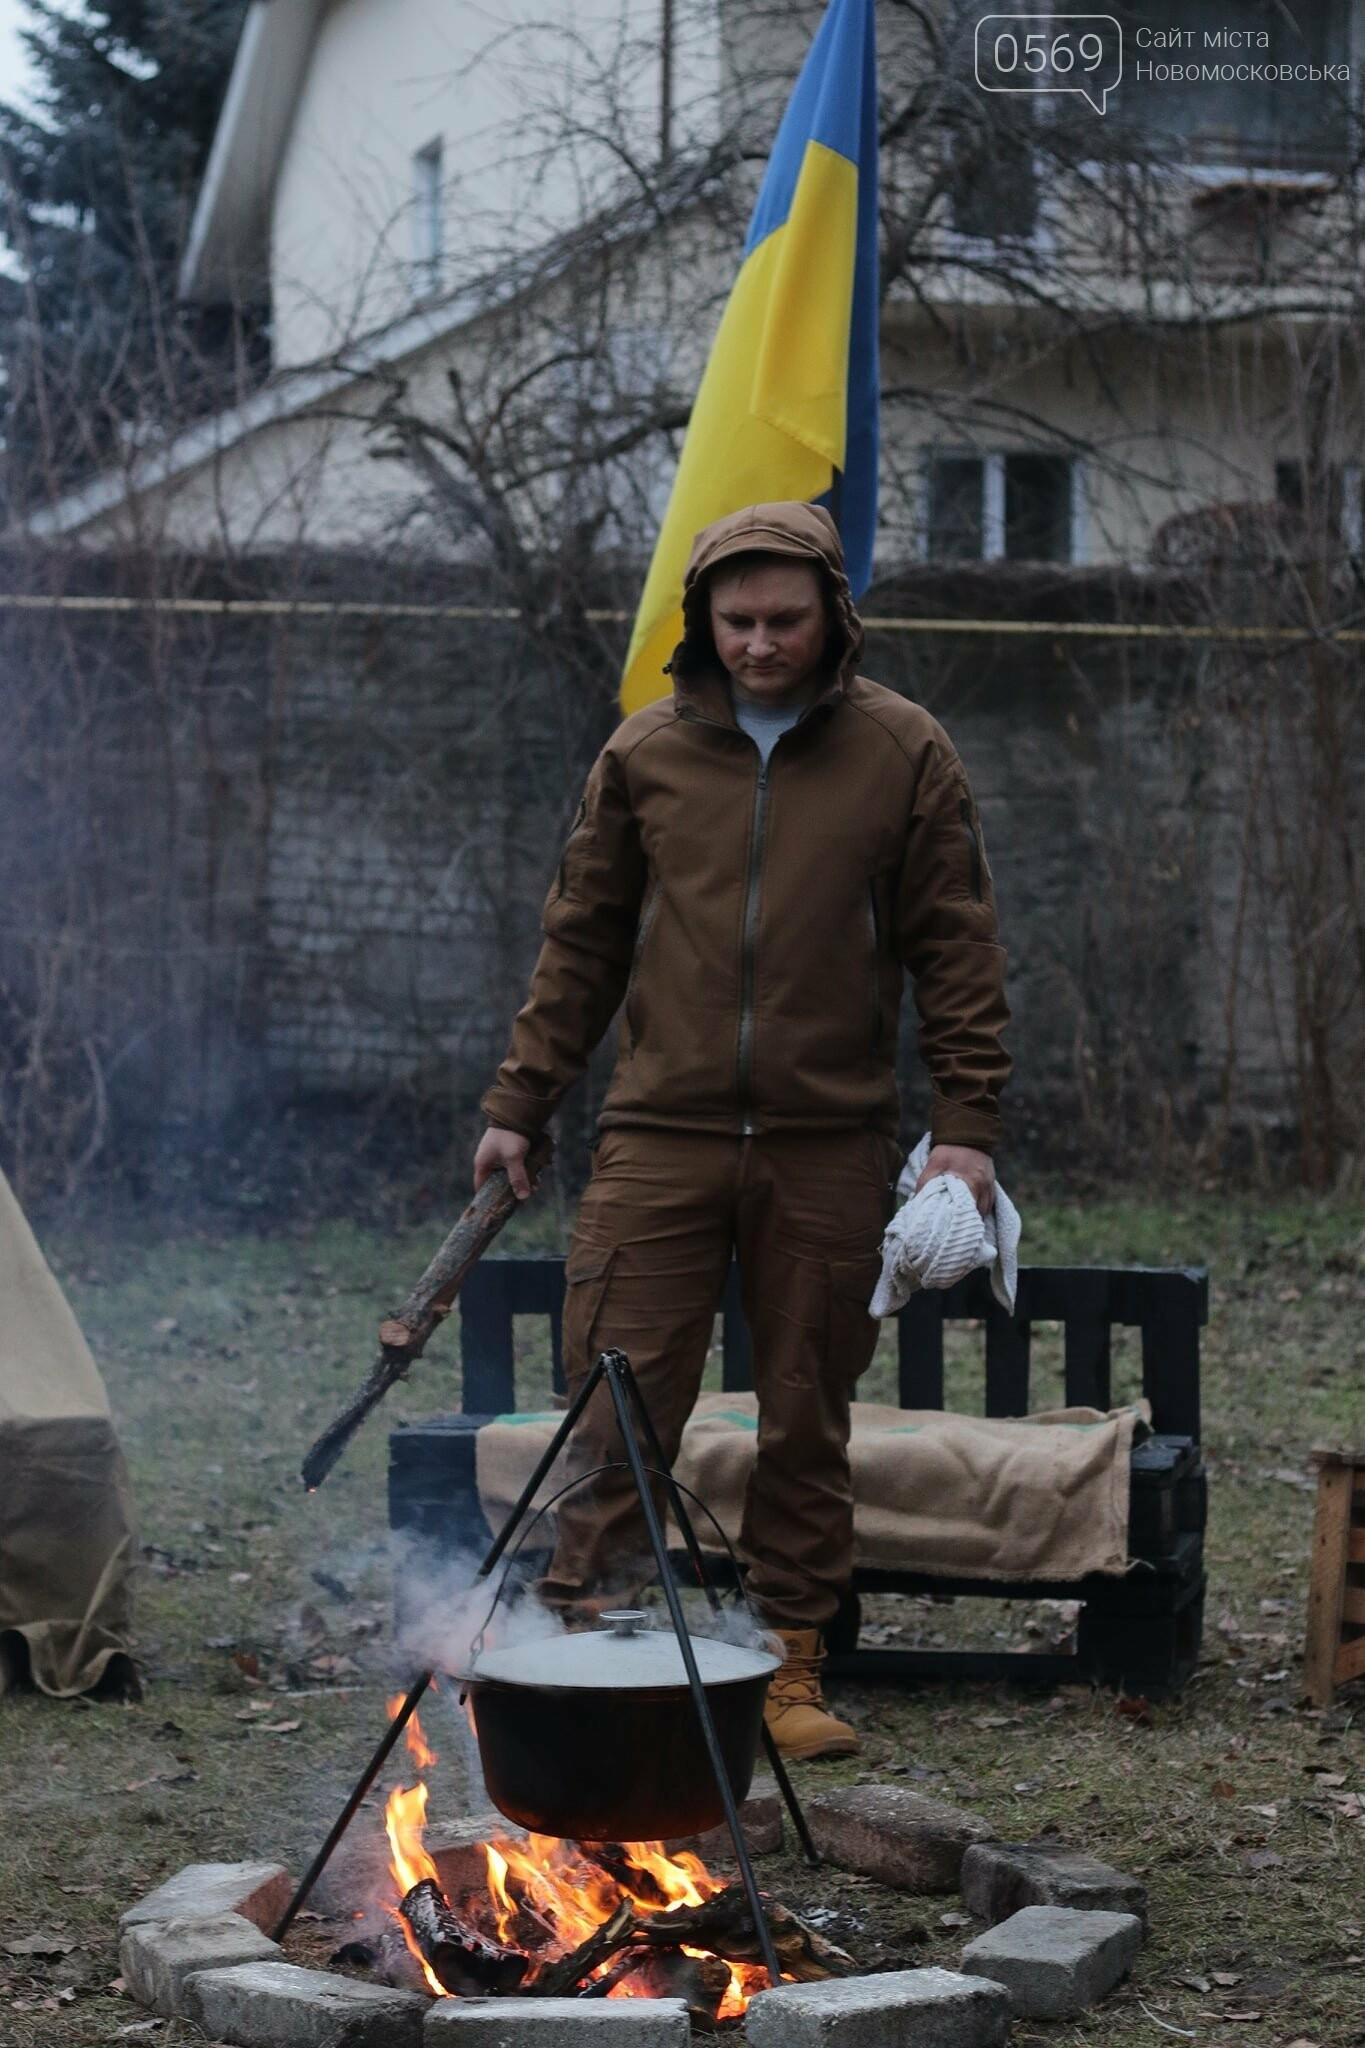 Вічність в обмін на молодість – за Україну!:  У Новомосковську вшанували Героїв Крут, фото-2